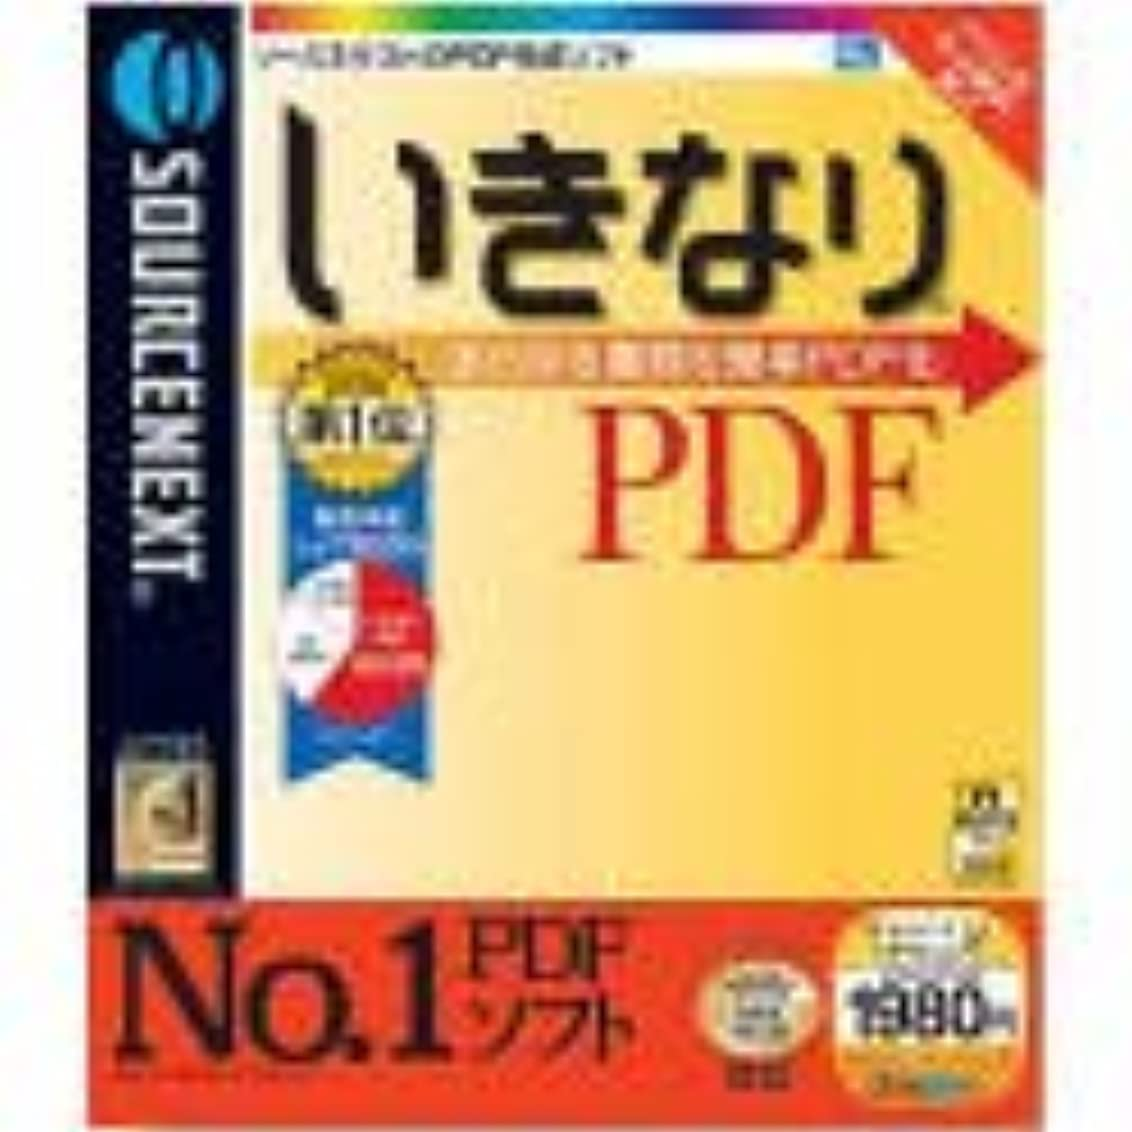 いきなりPDF (新価格版)